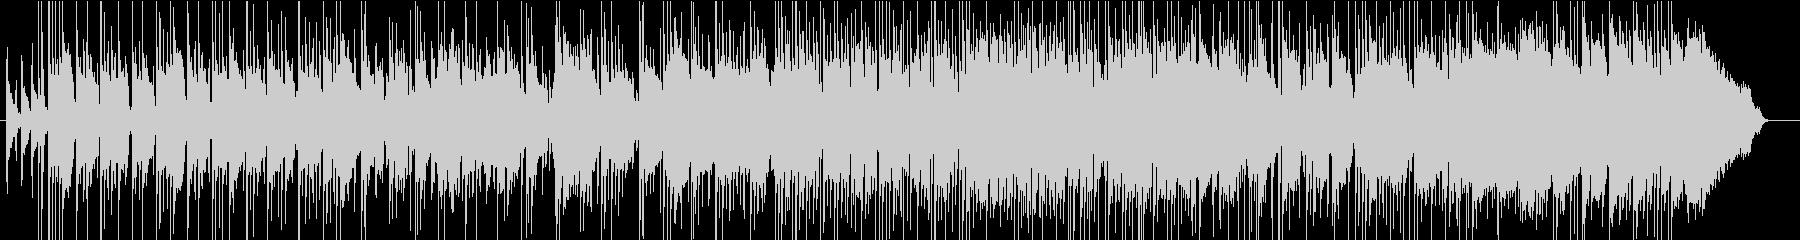 アコギ&ラップスチールUKブルースロックの未再生の波形